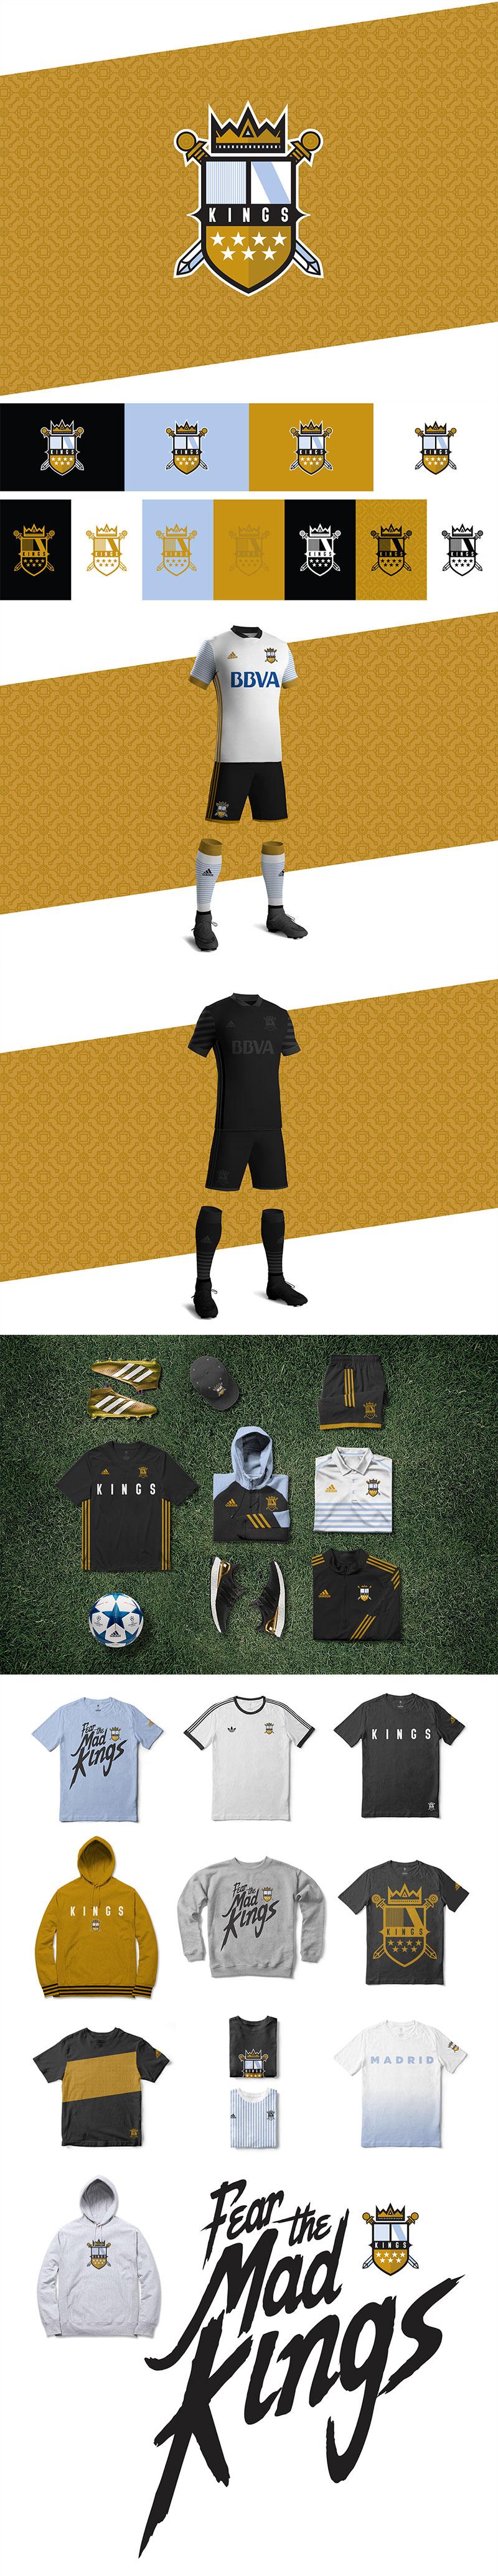 Diseños de la marca Football Club: Madrid Kings FC por Carlos Sanchez